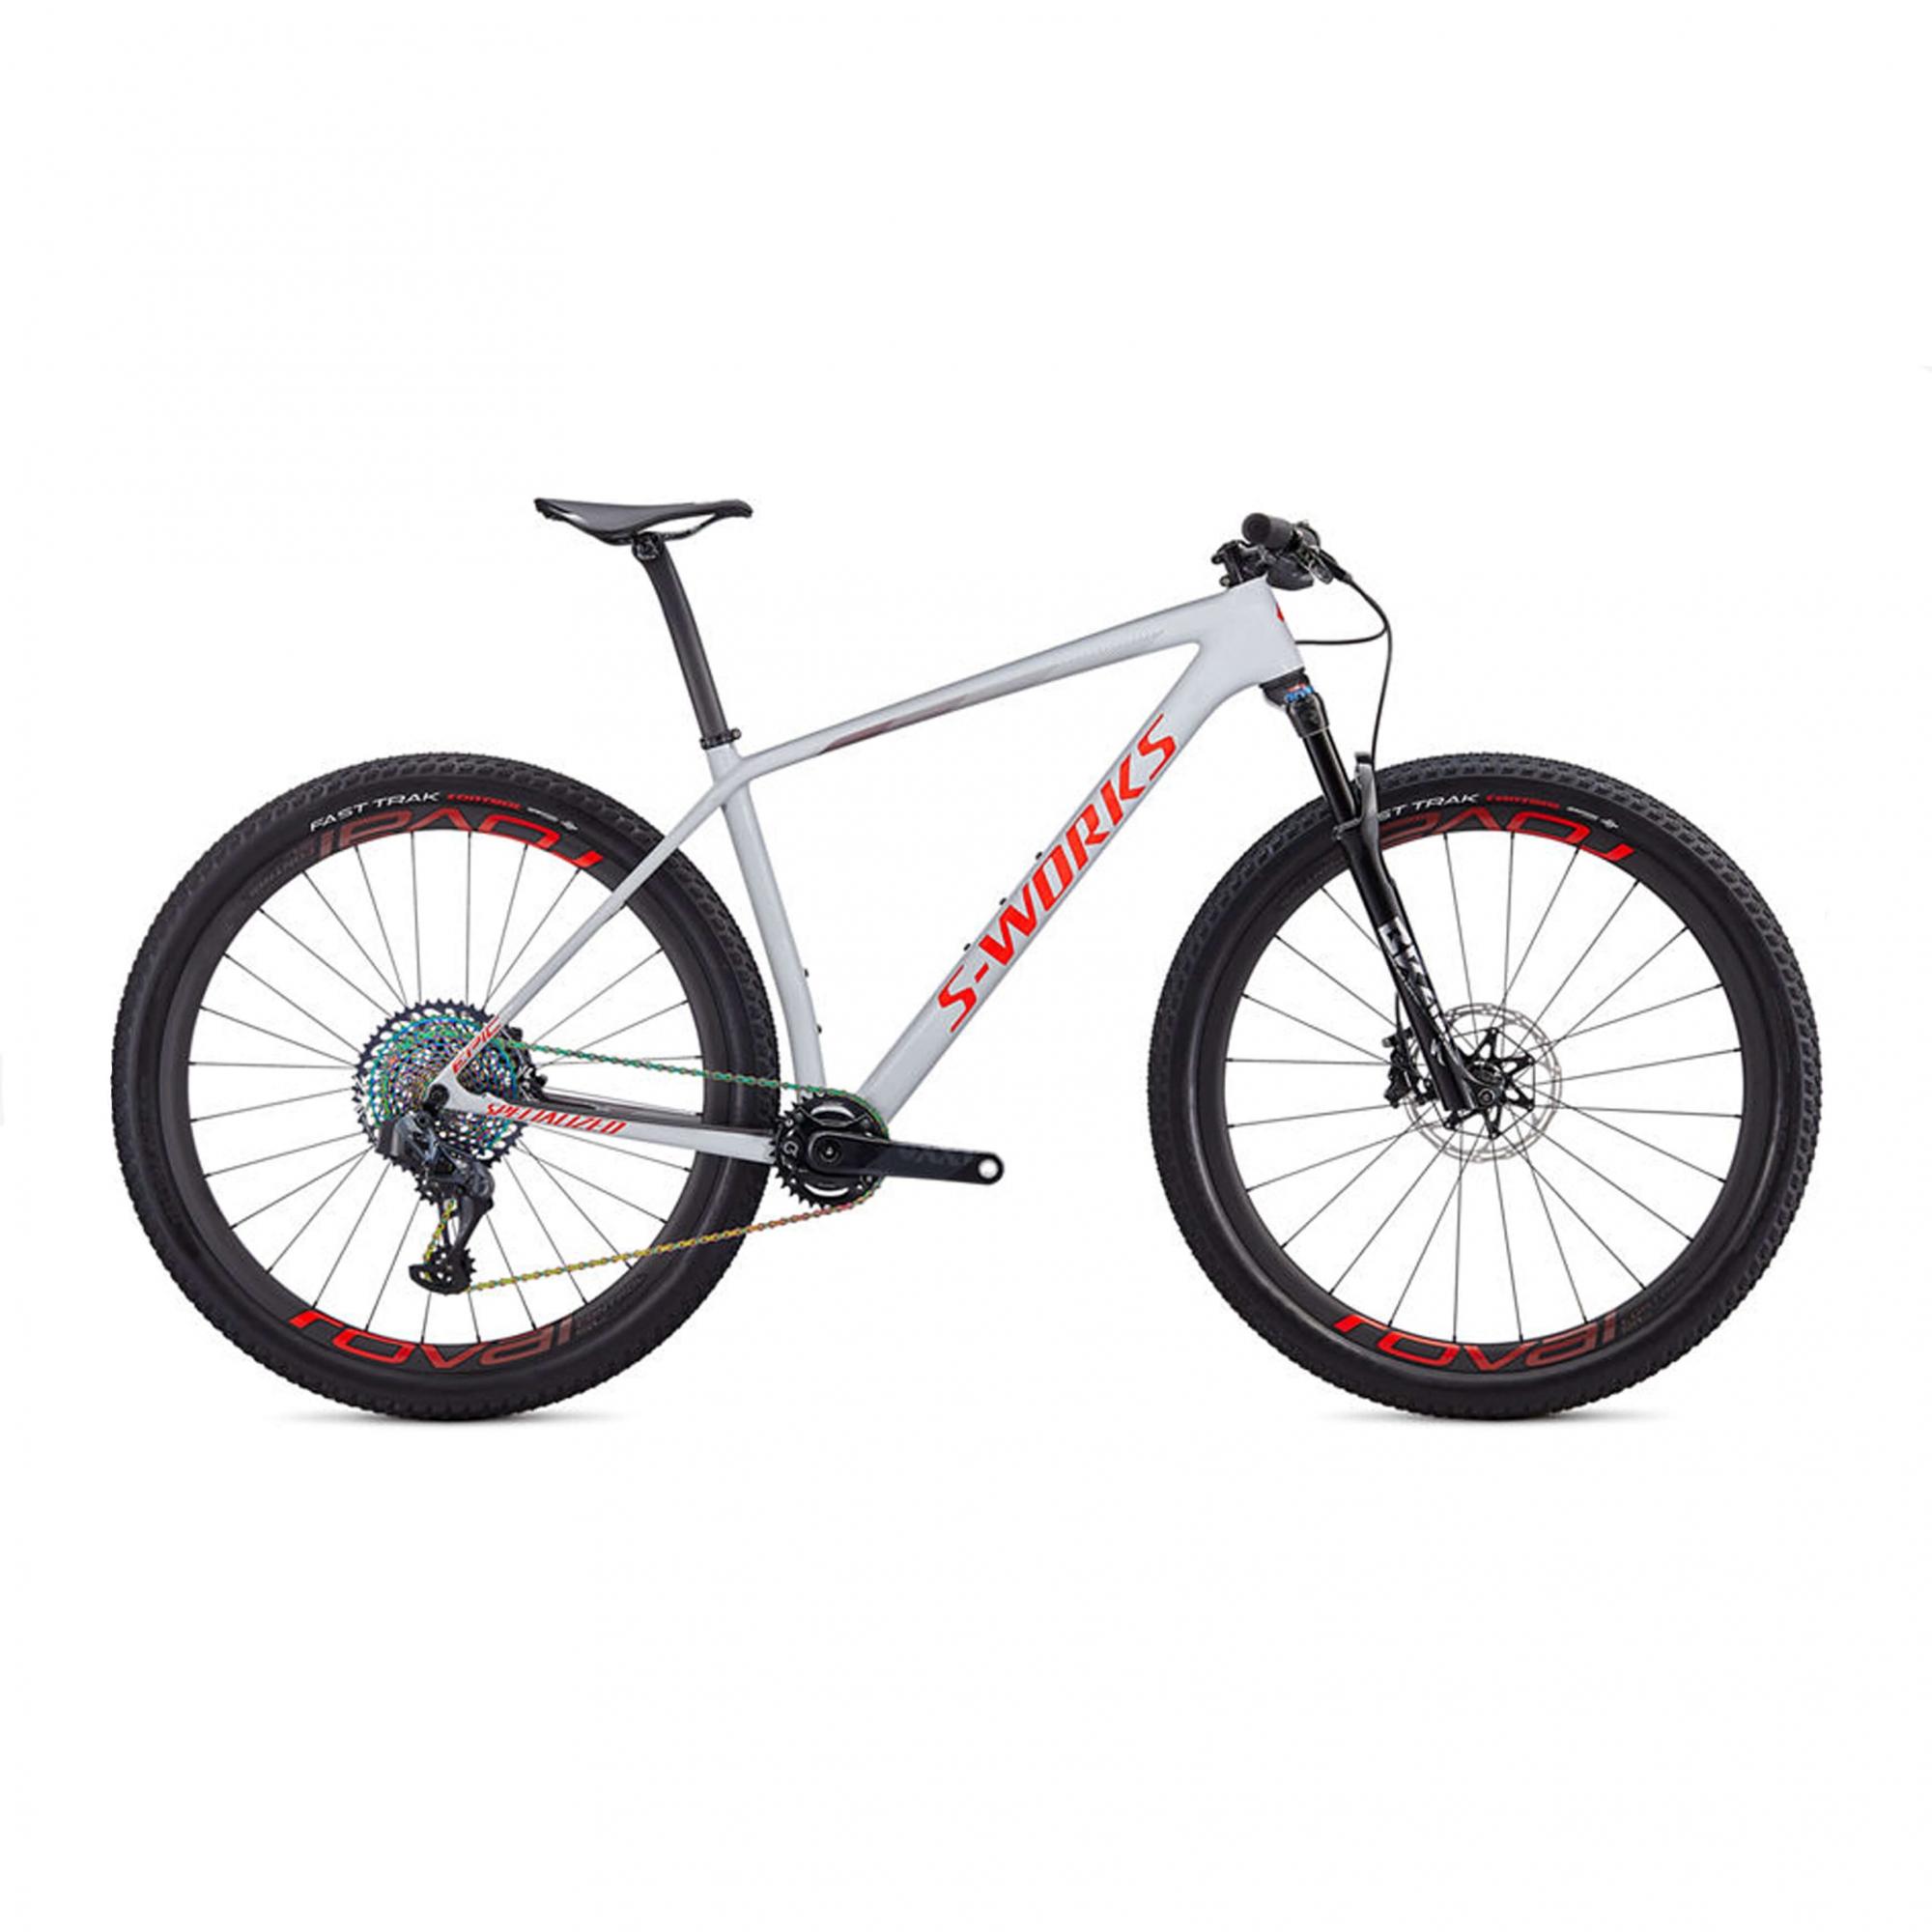 Bicicleta Specialized Epic S-Works  - Sram XX1 AXS 12v